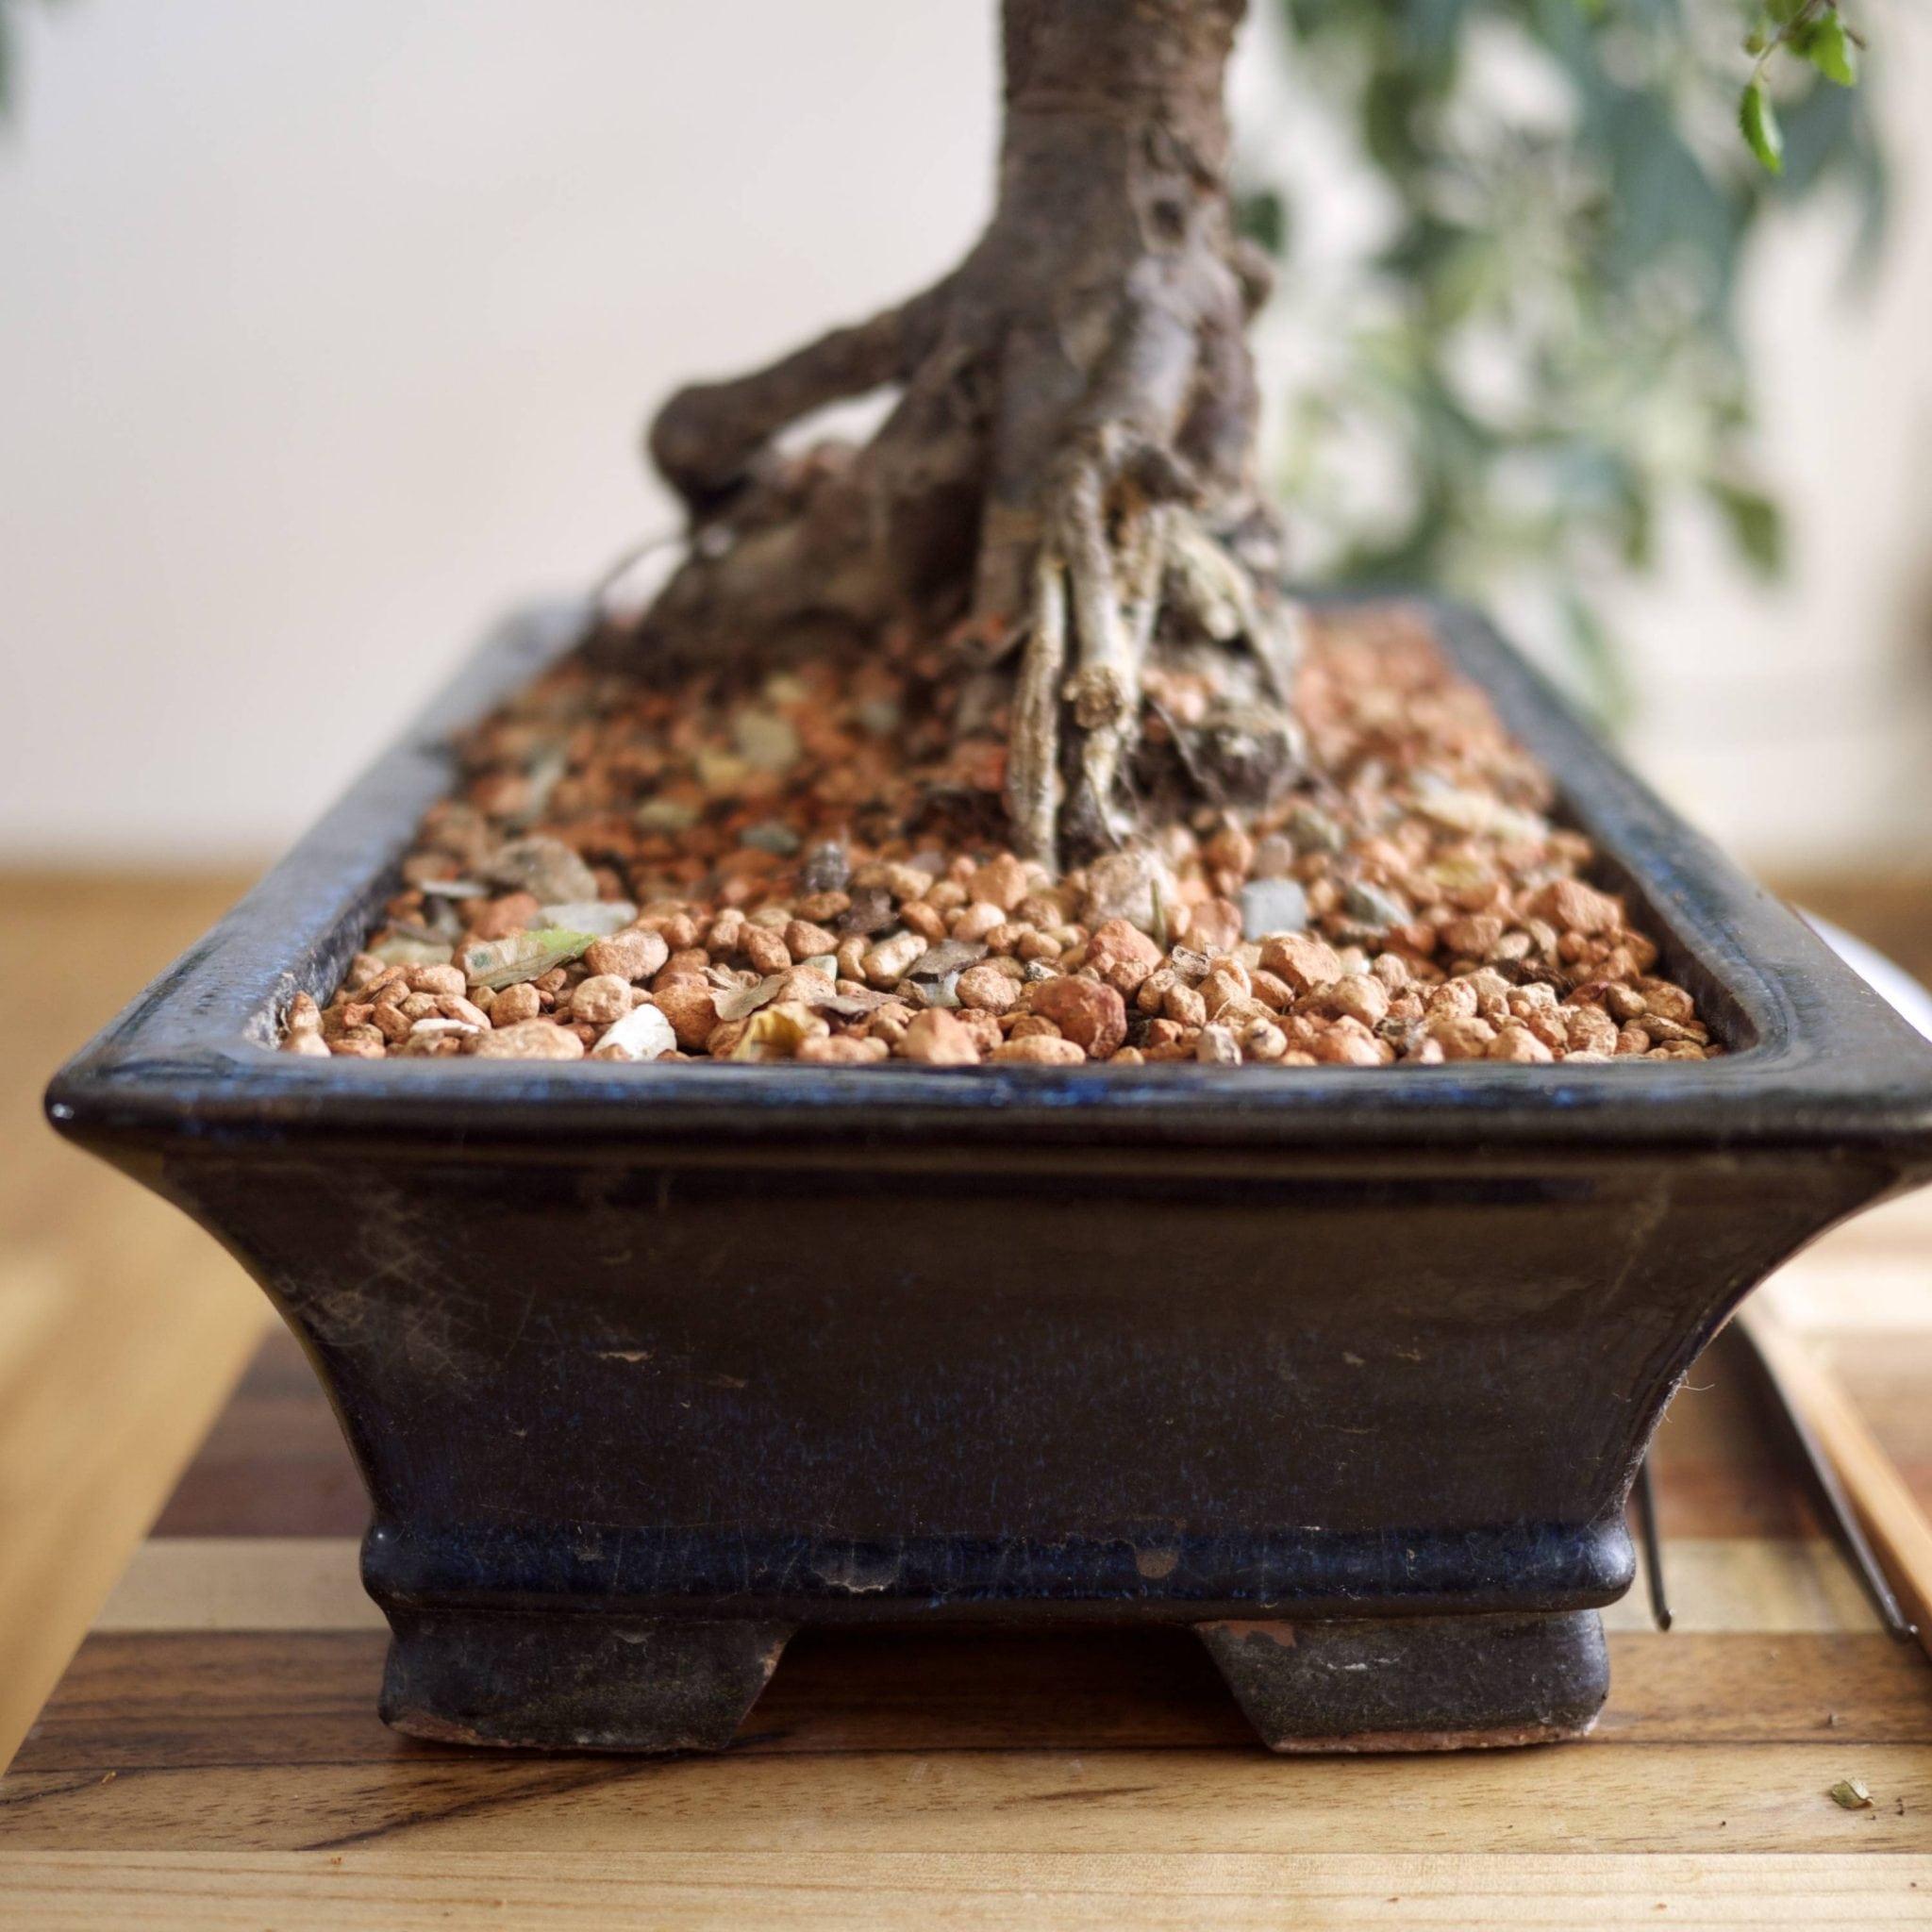 How To Repot A Bonsai Tree Bonsai Tree Gardener